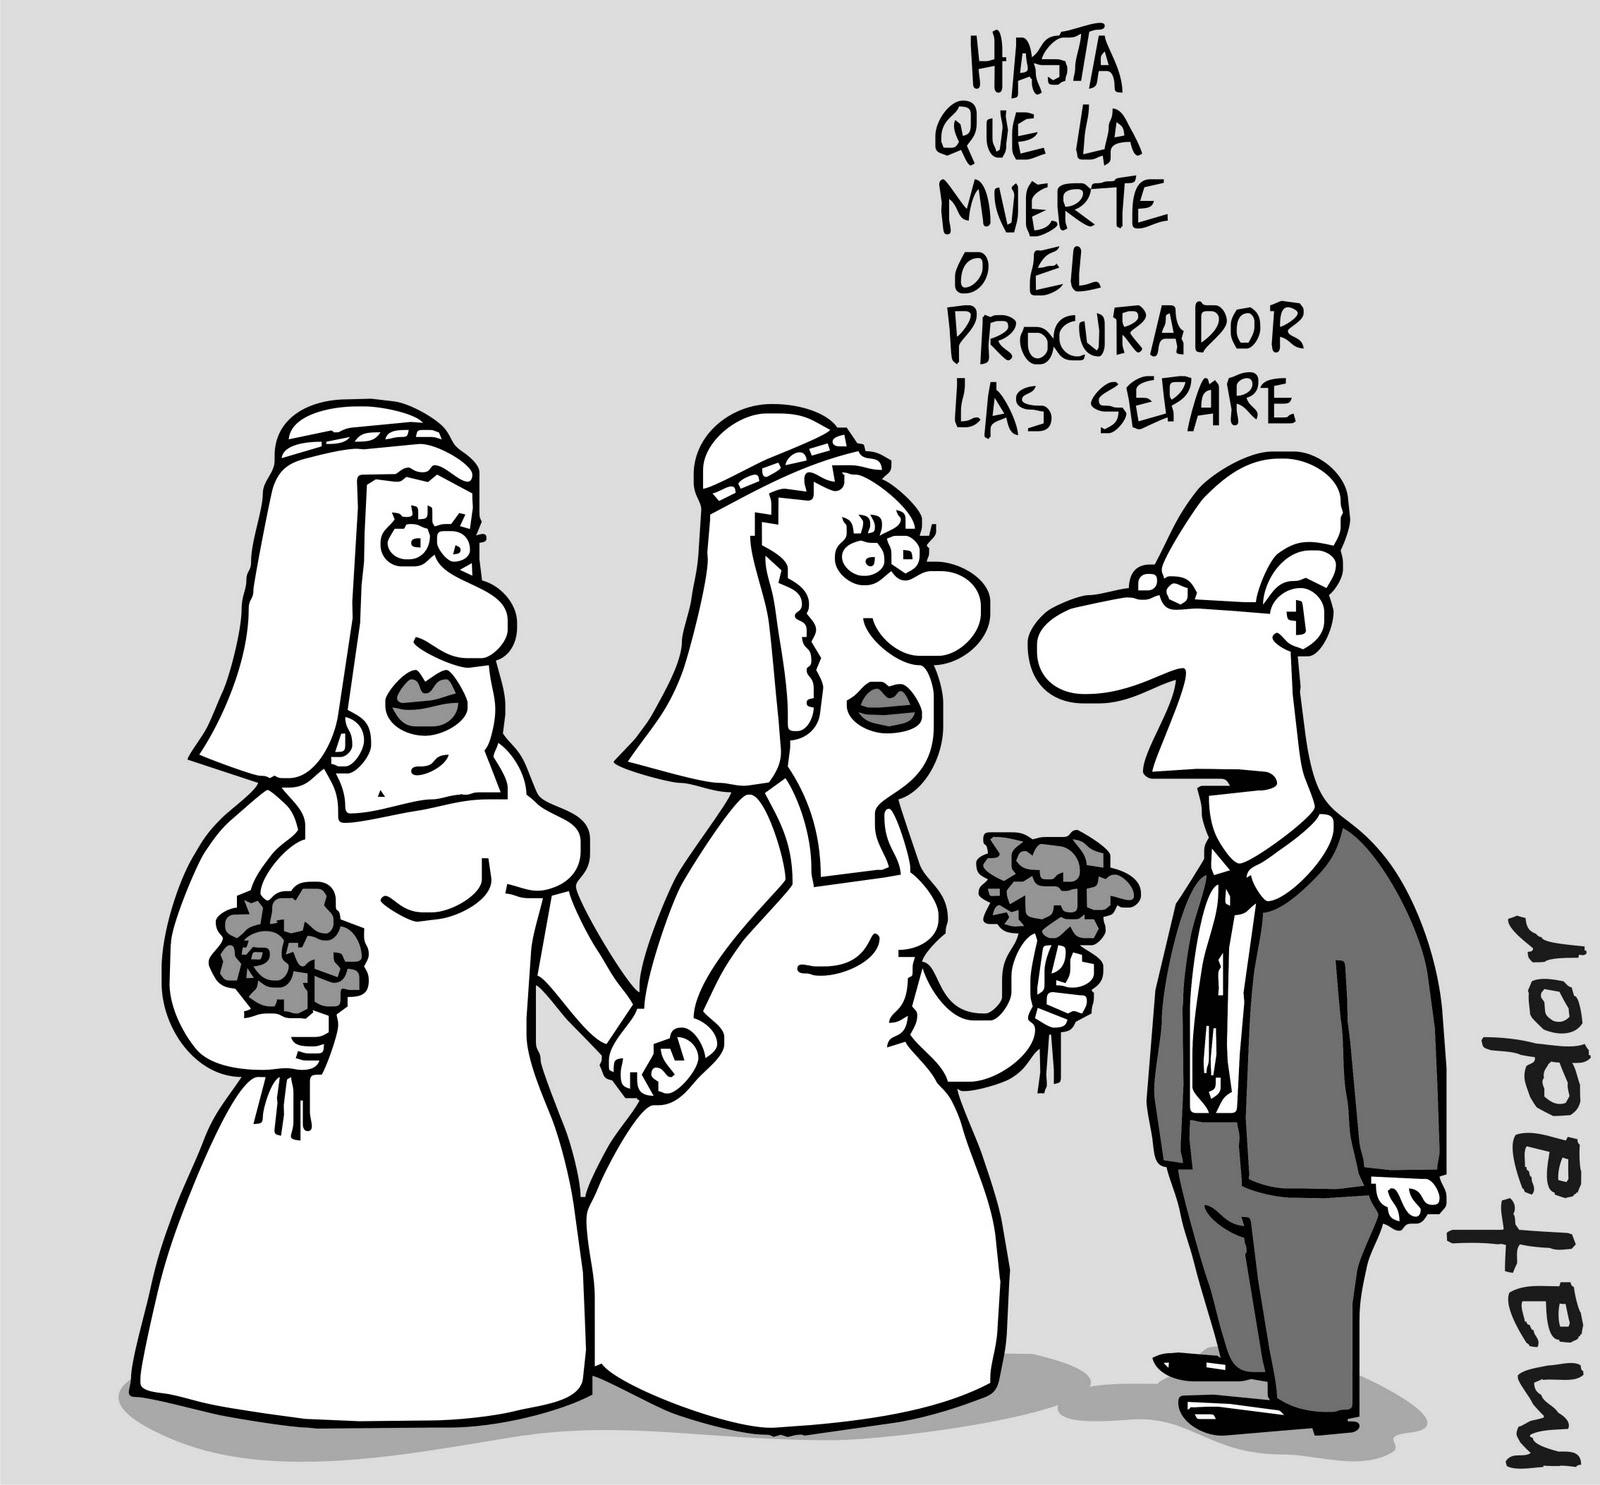 Procurador en contra de las bodas gay